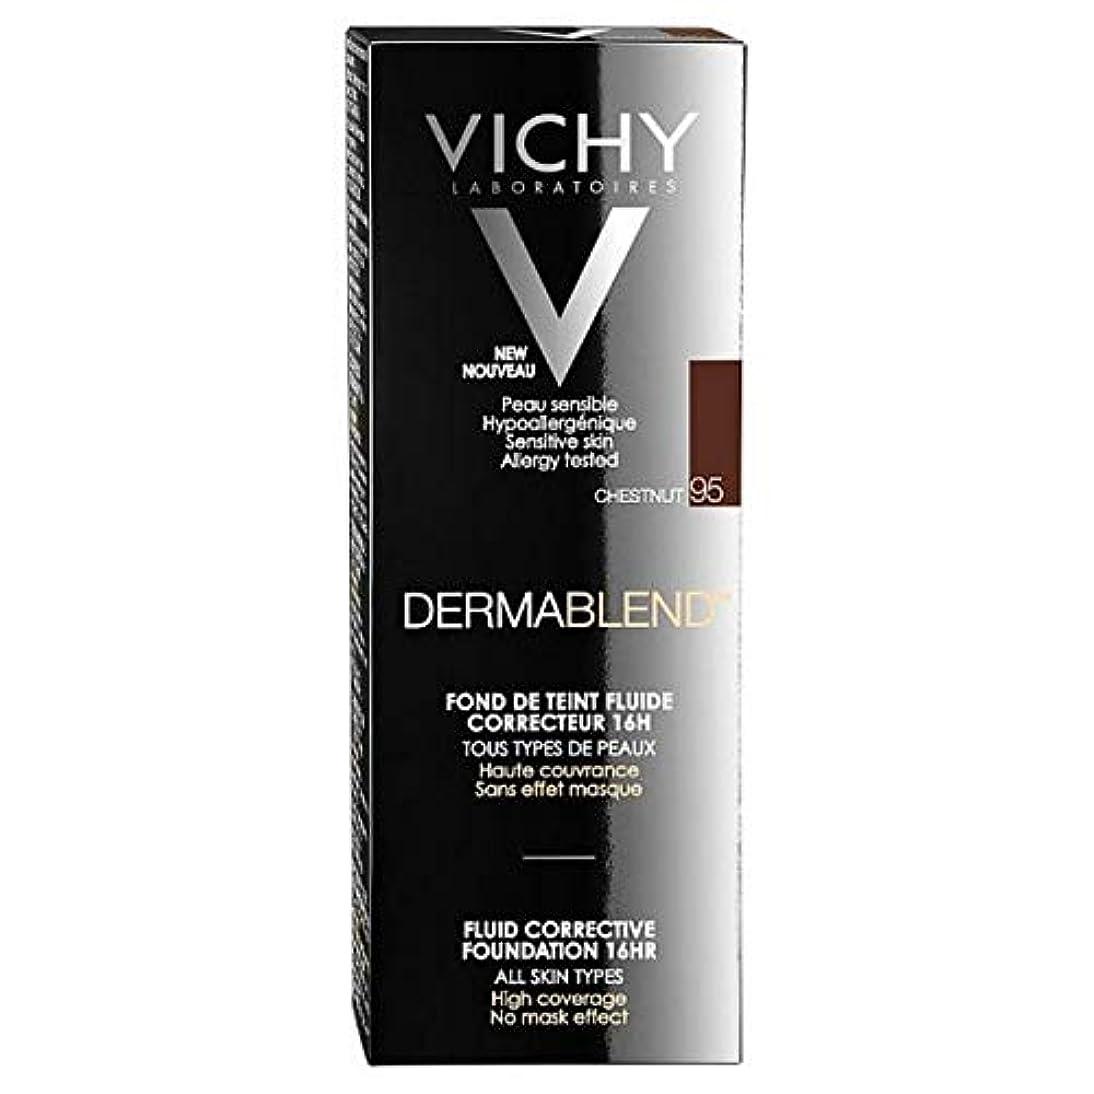 道徳教育魅了する市民[Vichy ] ヴィシーDermablend流体是正基盤95 30ミリリットル - Vichy Dermablend Fluid Corrective Foundation 95 30ml [並行輸入品]